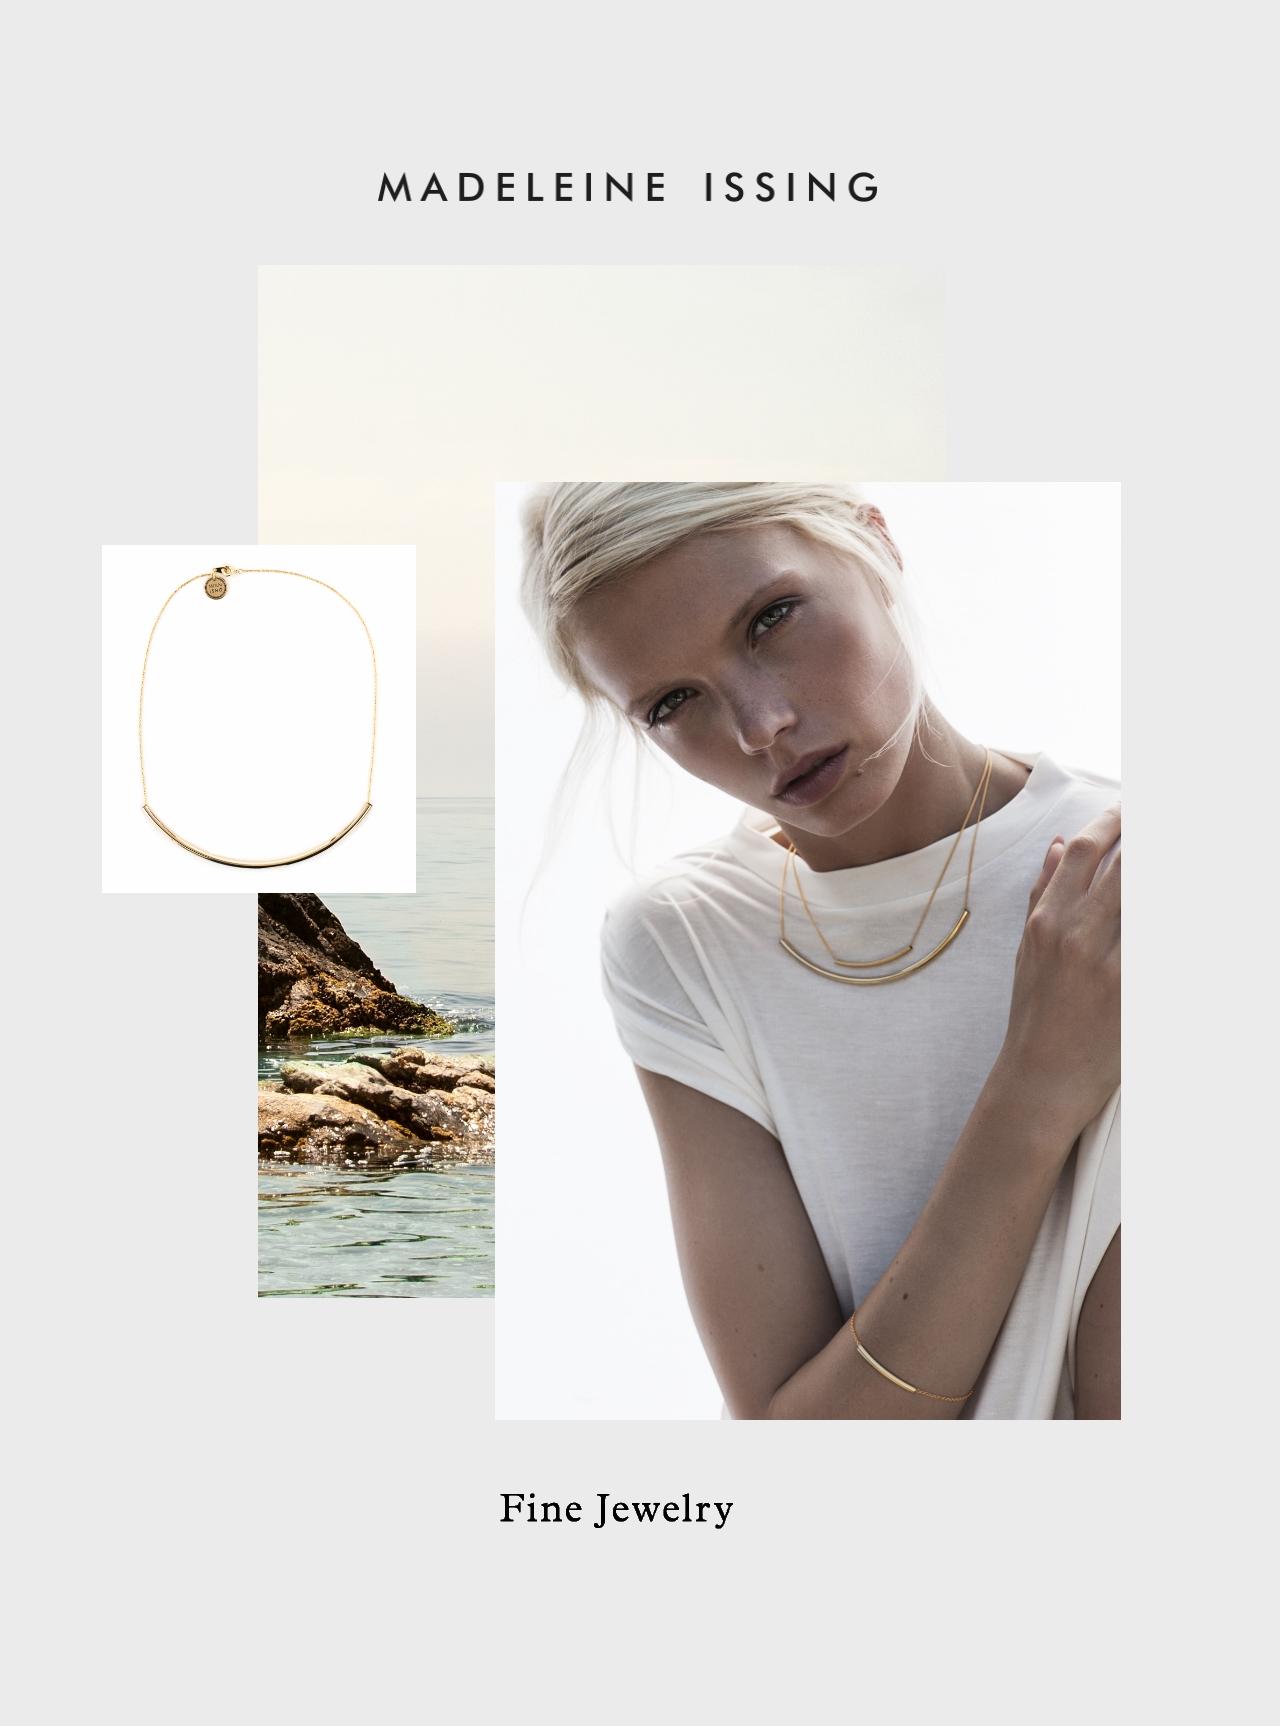 schmuckkollektion minimalistisches design madeleine issing